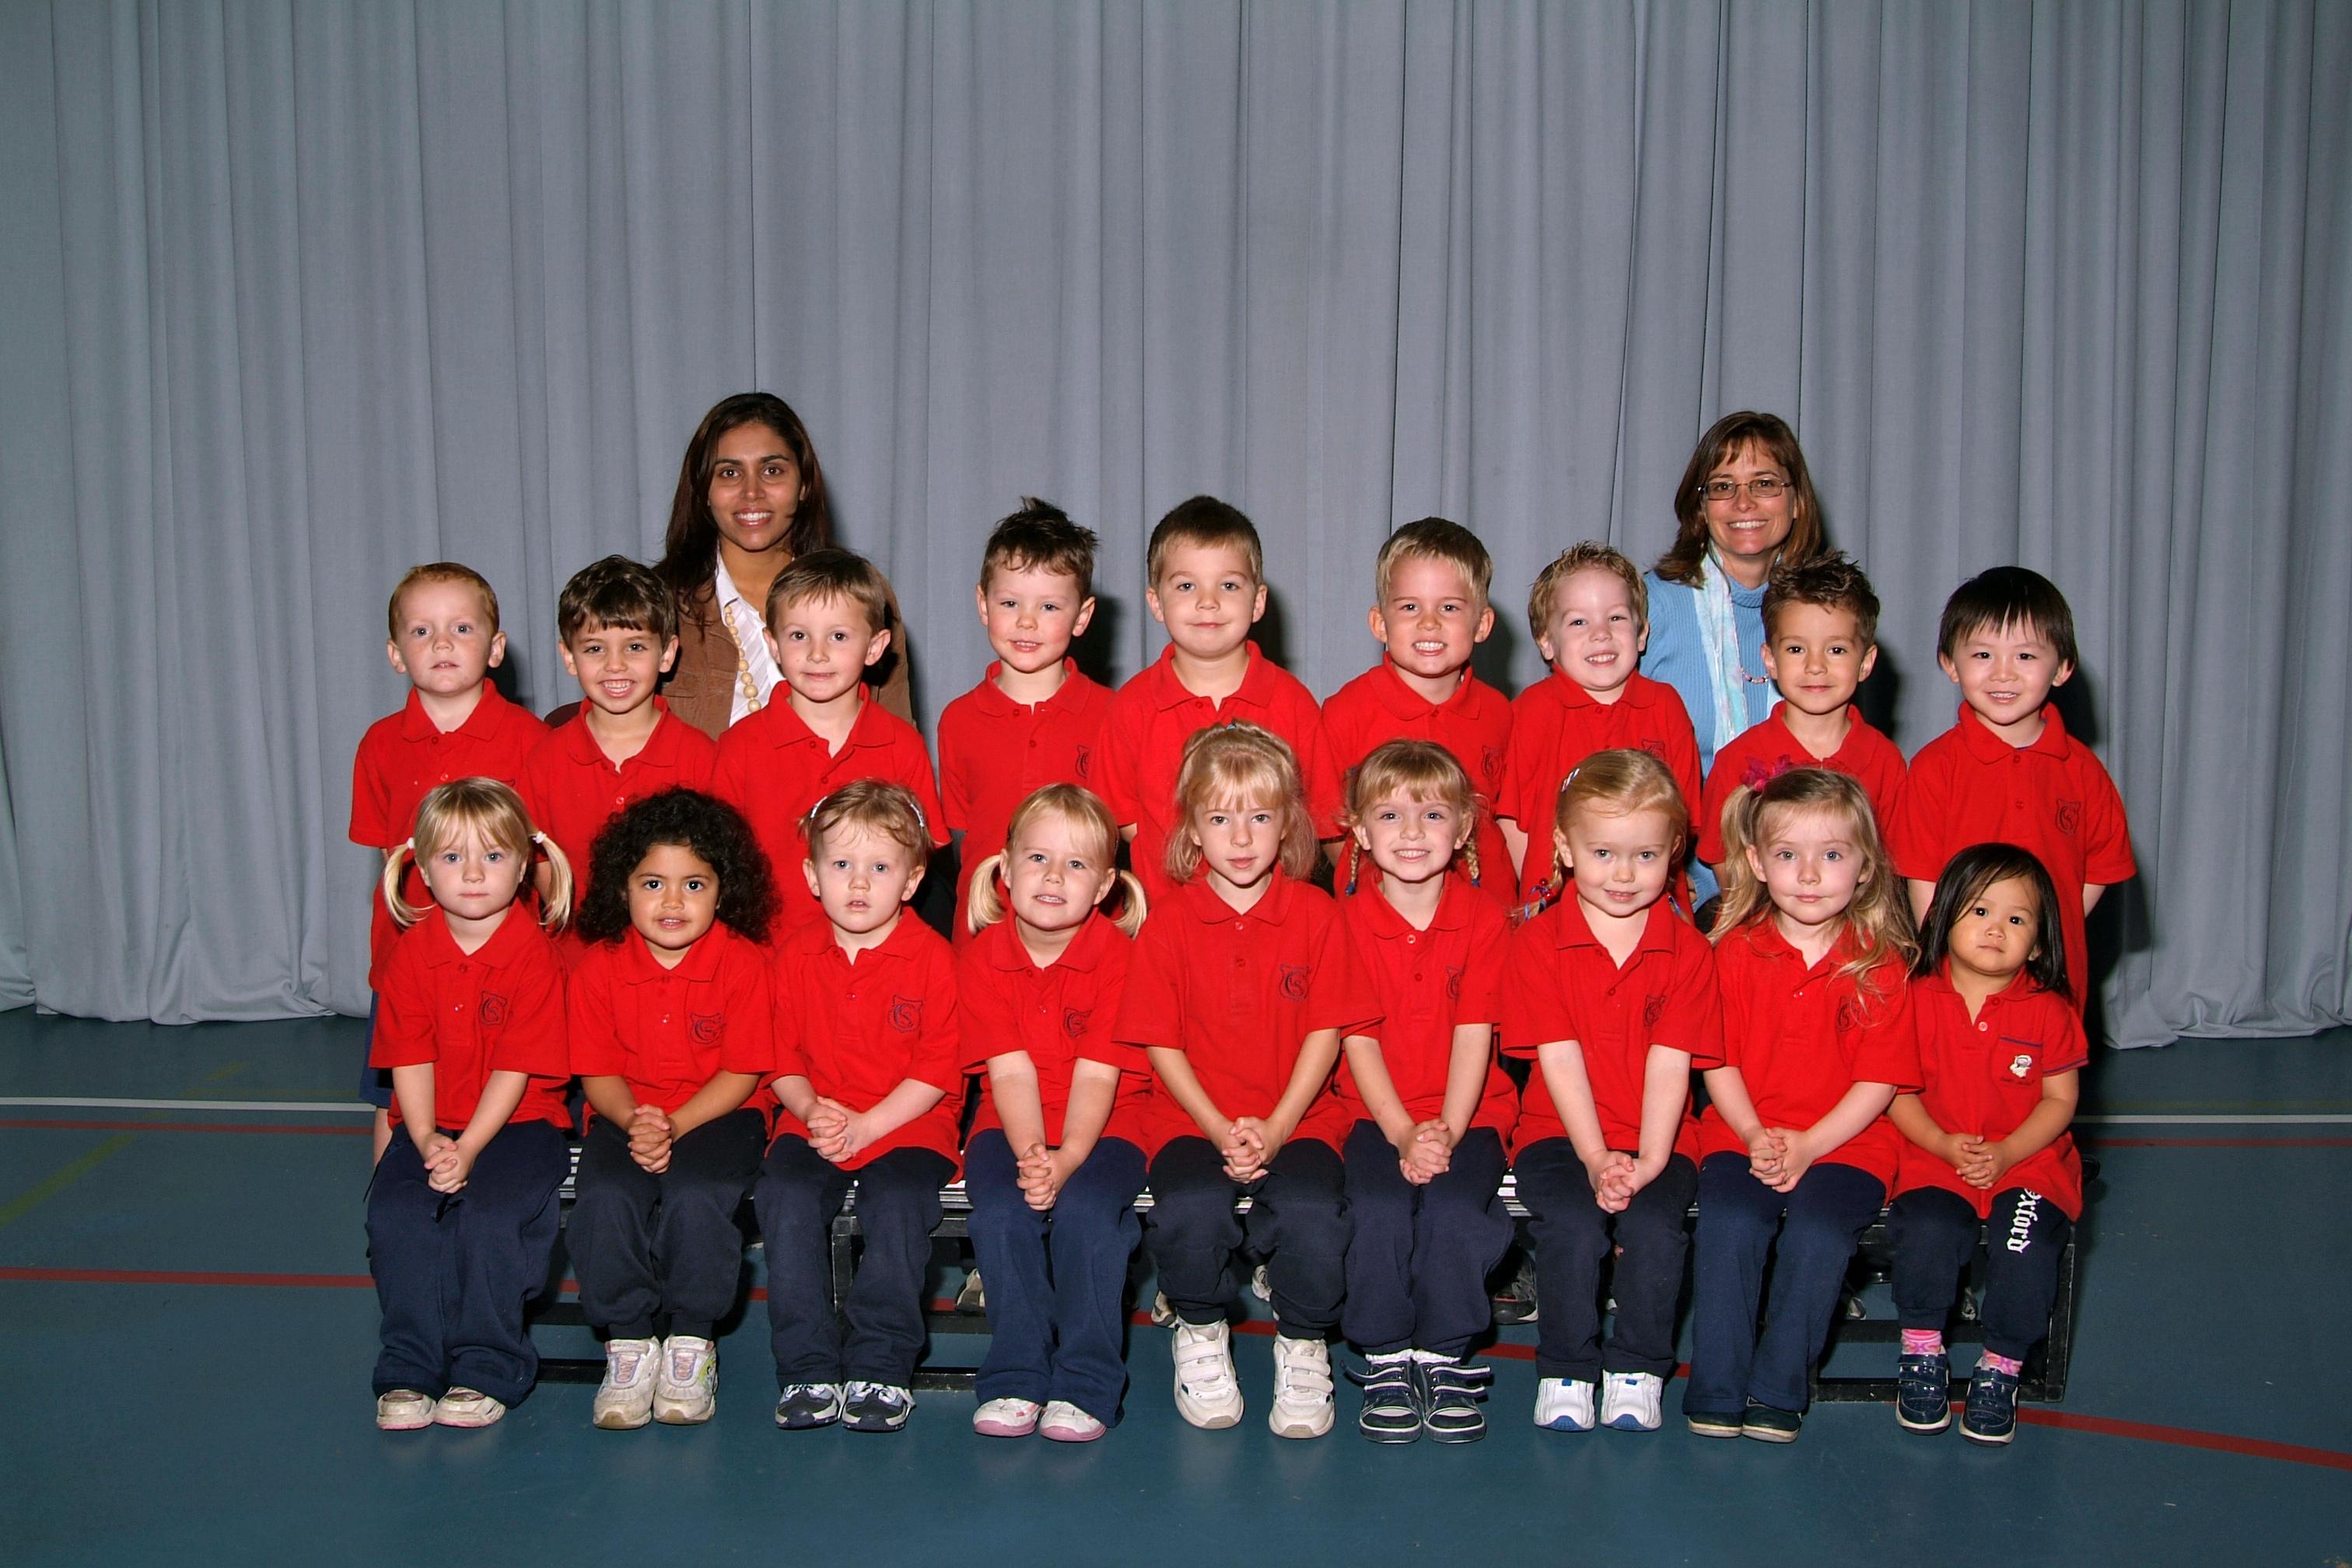 Covenant Christian School first preschool class